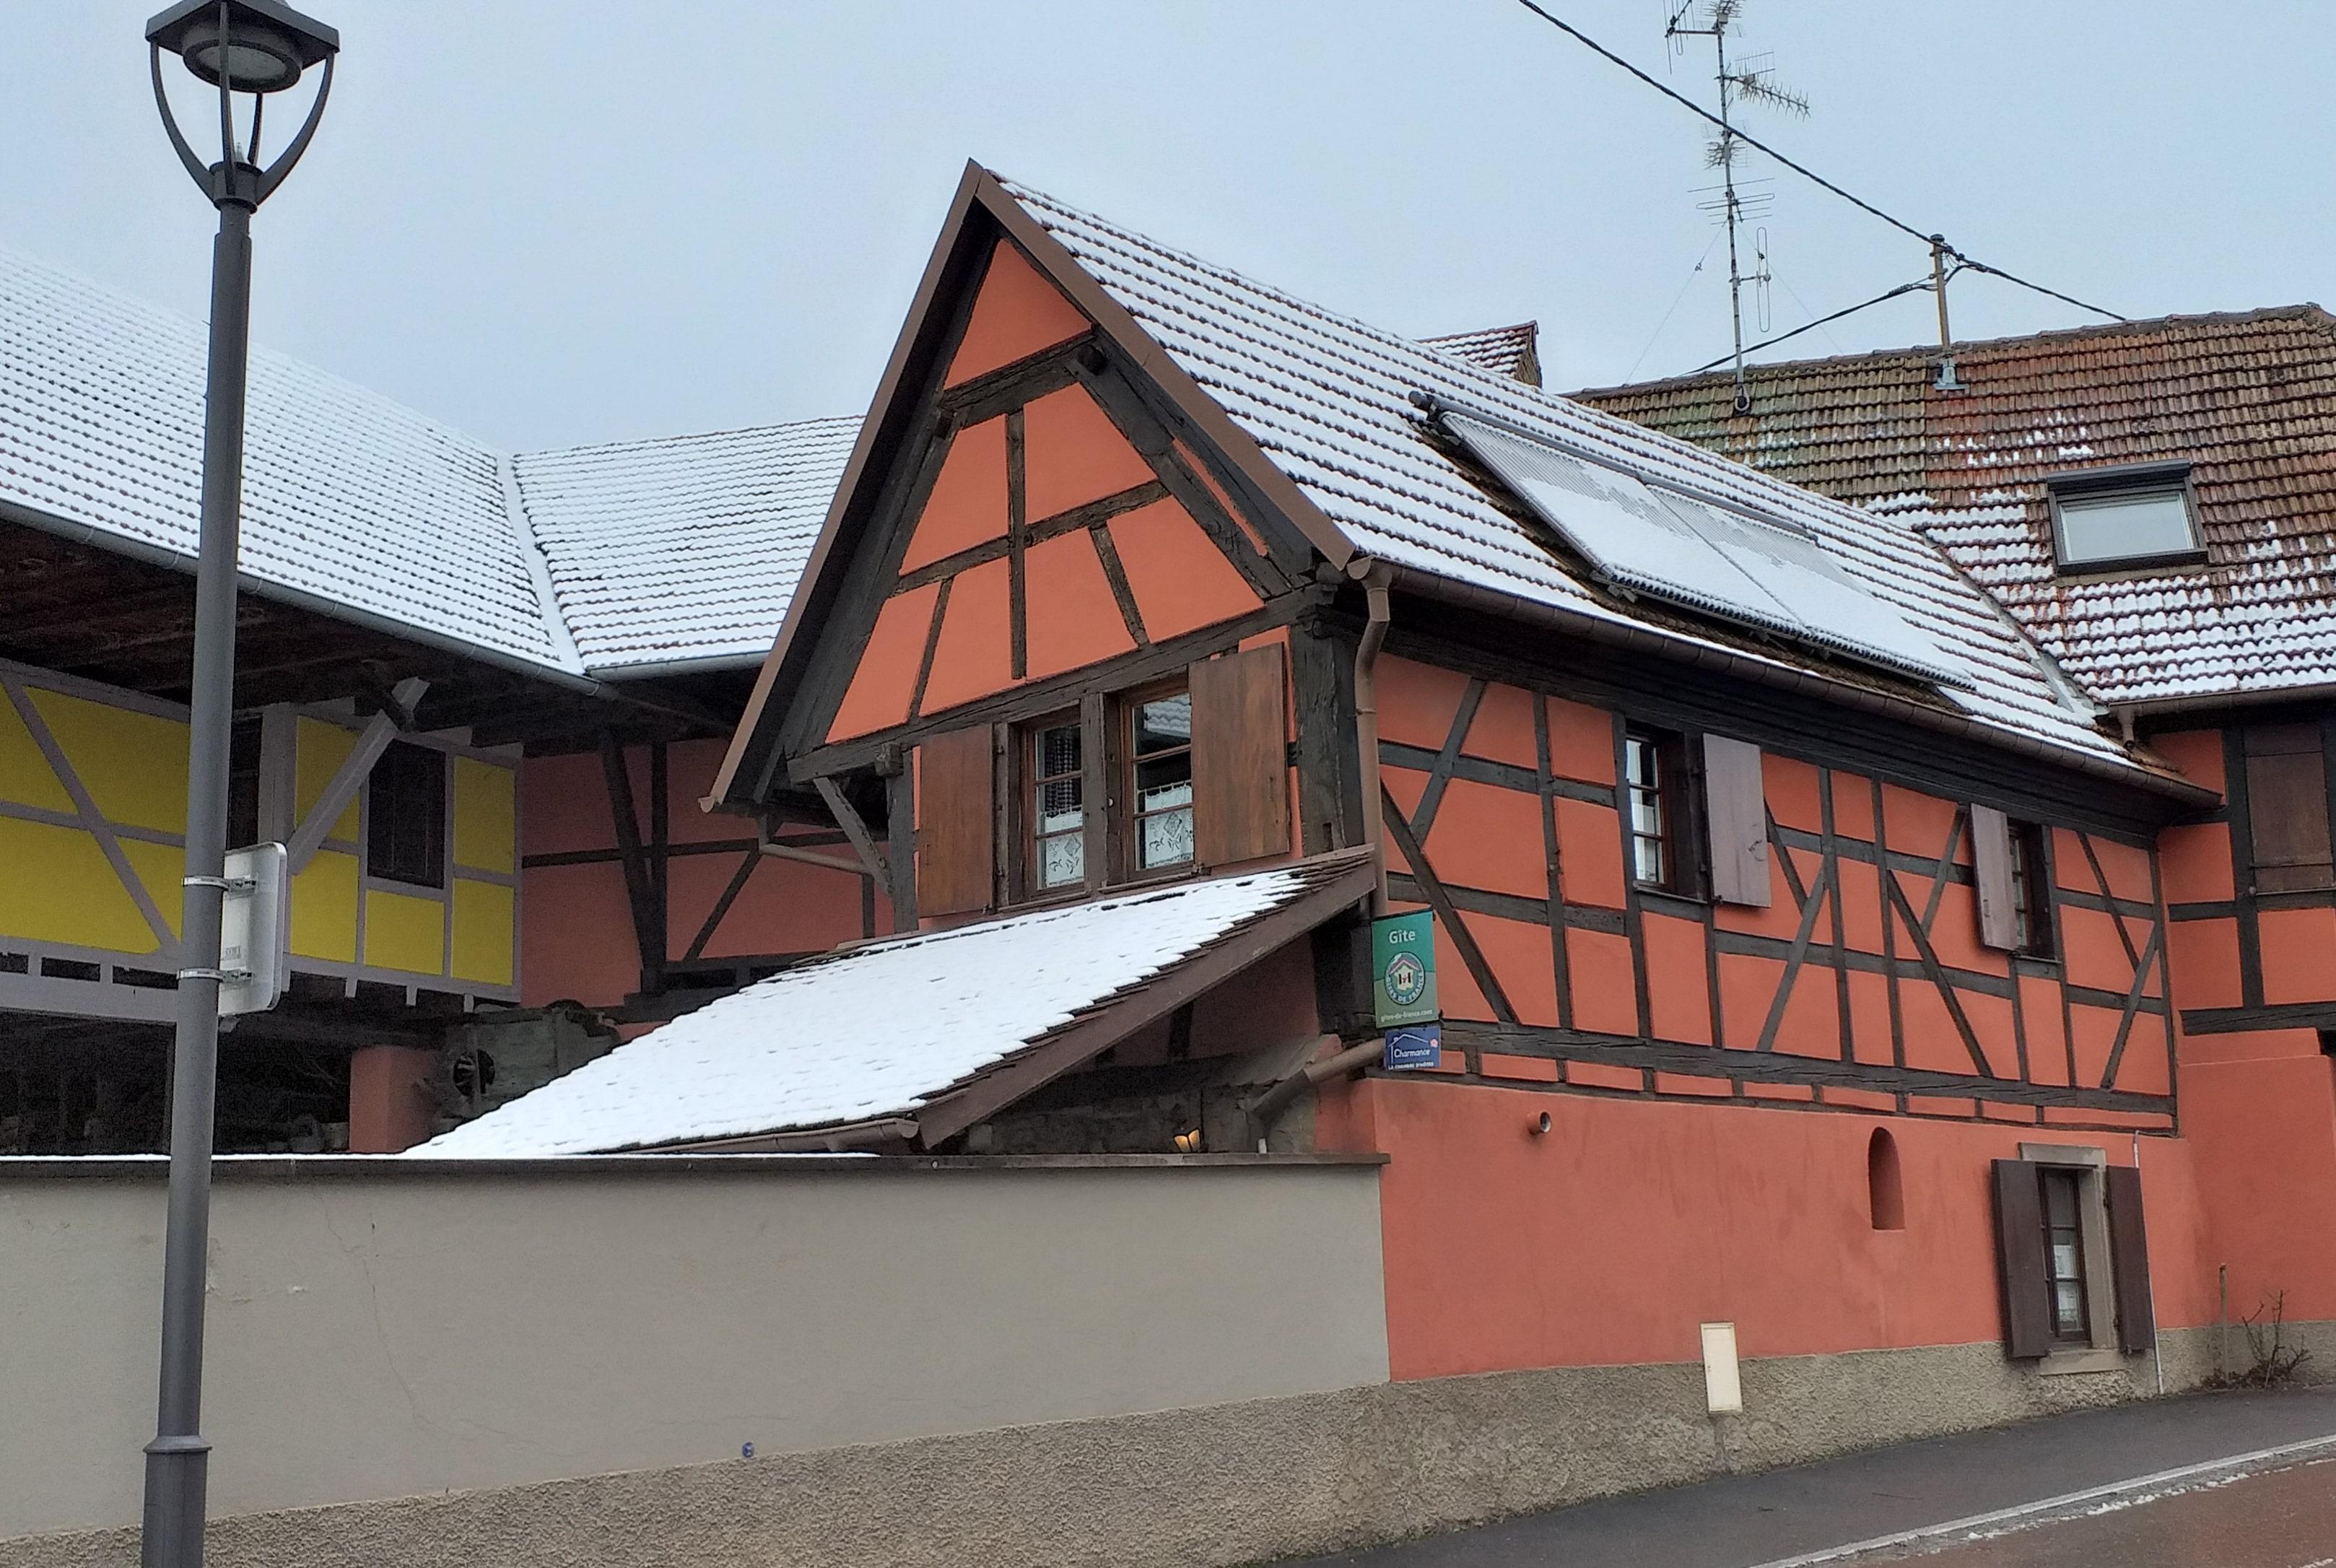 Gîtes Au bal paysan - Mazurk (Berstett)